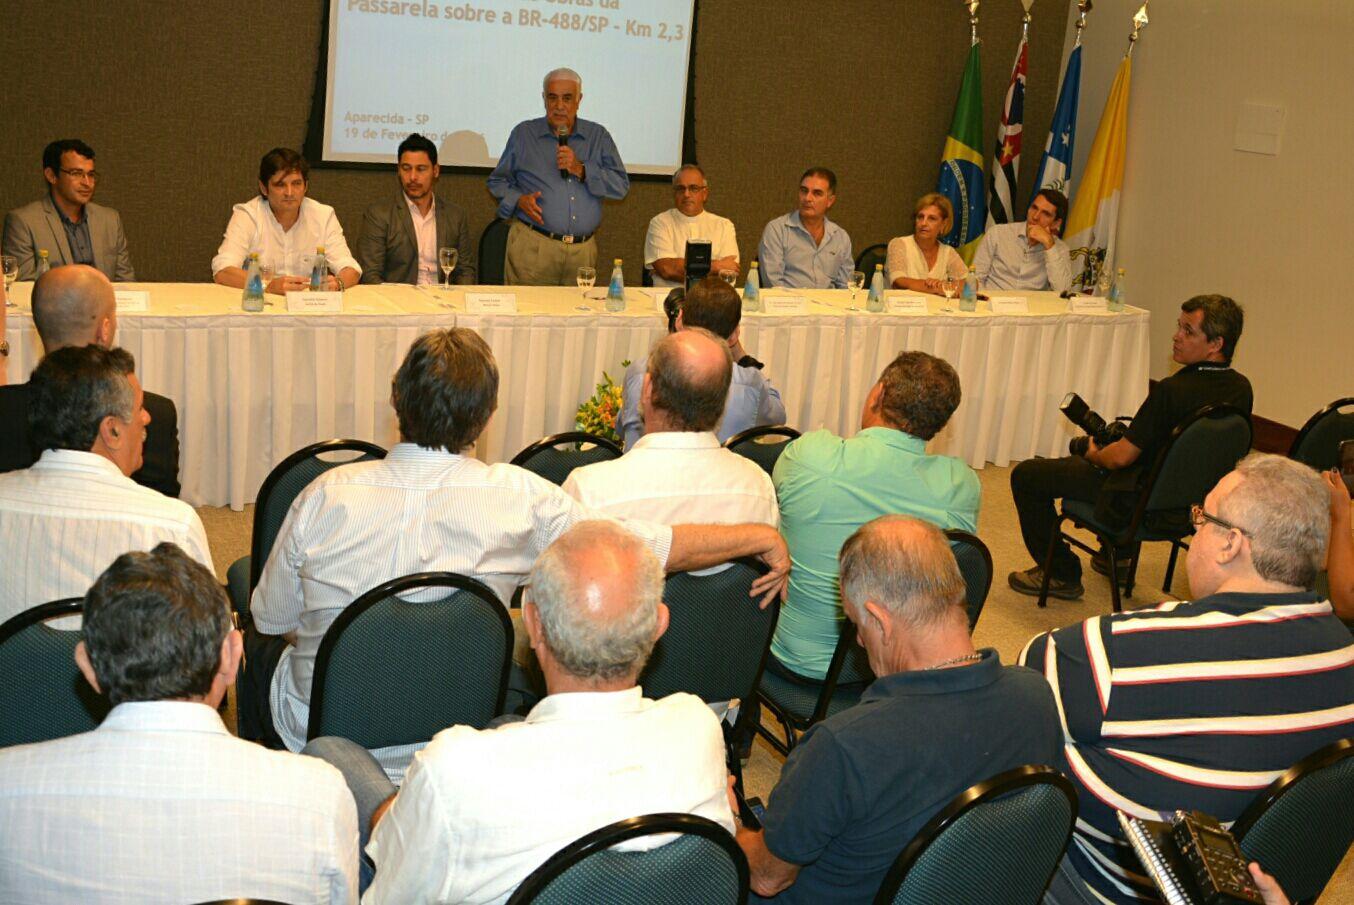 Deputado André do Prado participa do anúncio feito pelo ministro dos Transportes, Antonio Carlos Rodrigues em Aparecida